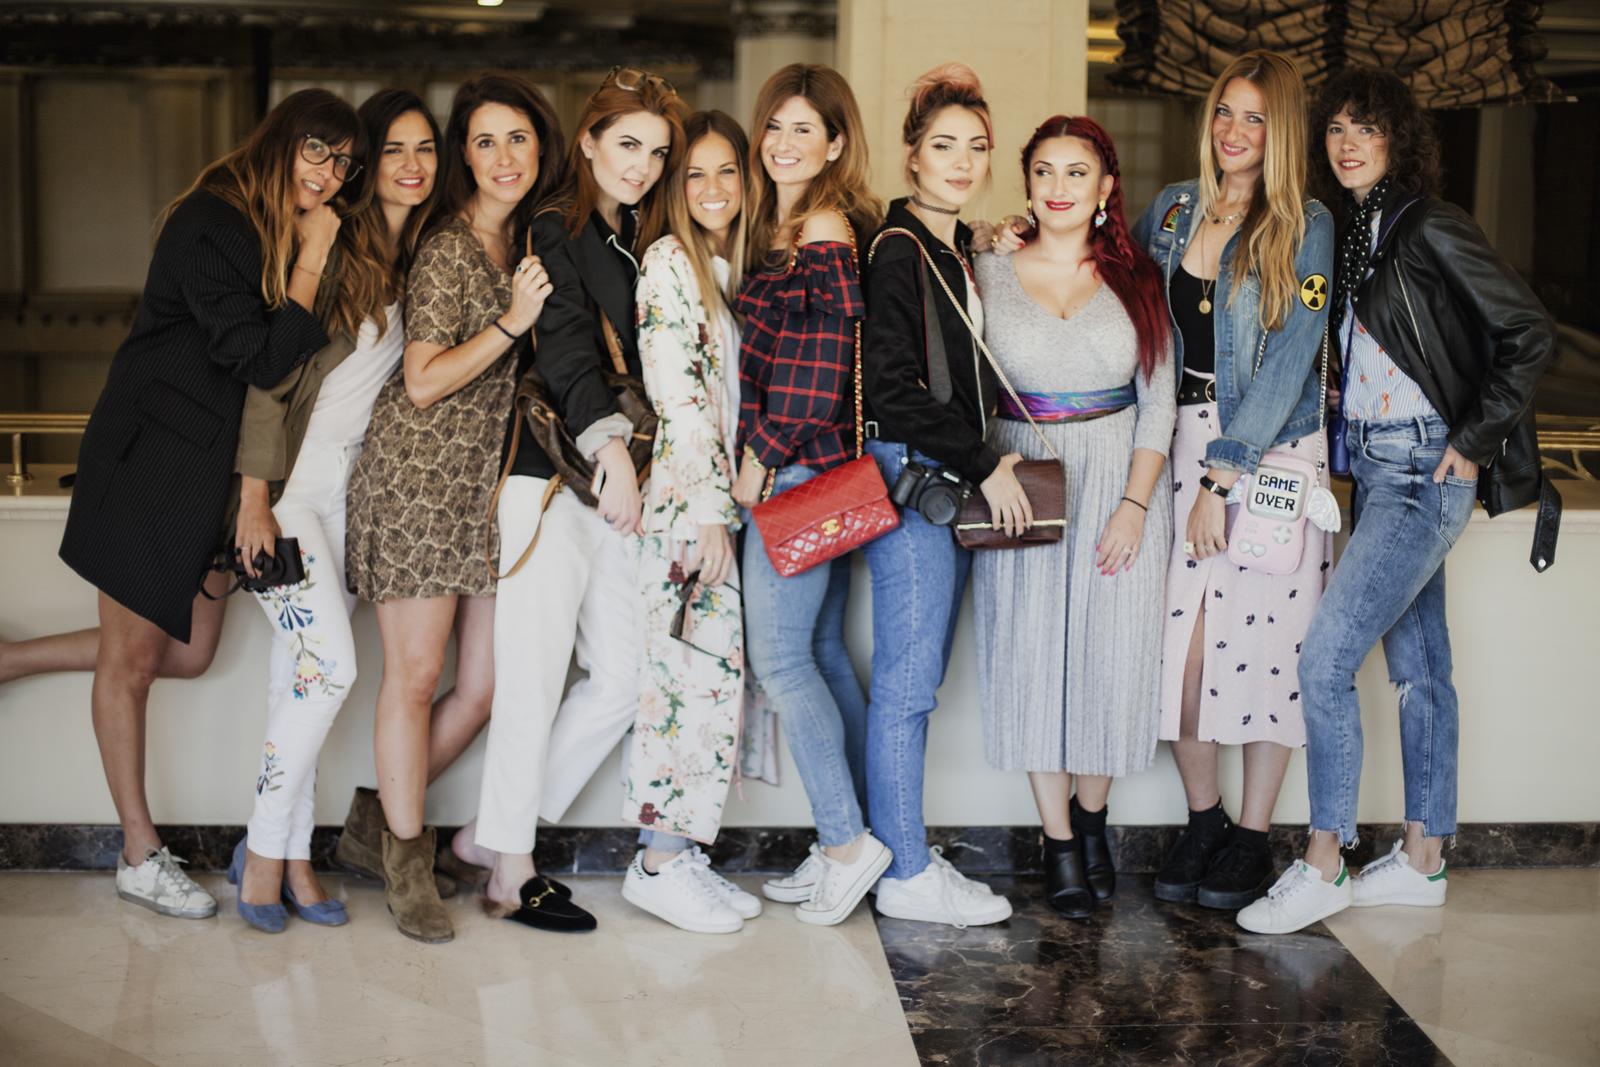 #GirlsLoveCoruña - blog trip-descalzaporelparque- hotel finisterre- vanessa rábade-